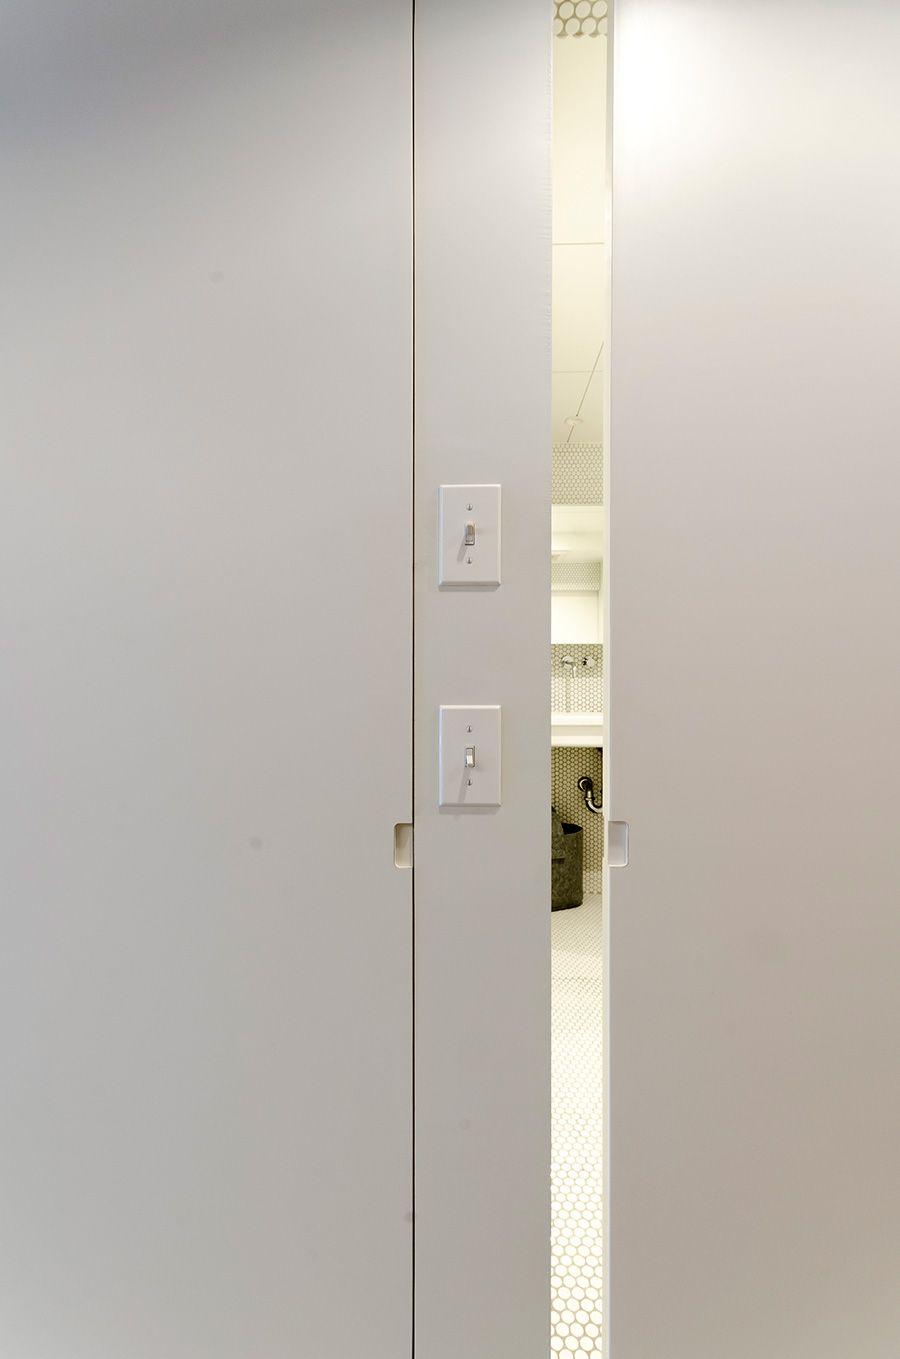 引き戸の引き手部分はかぎりなく目立たないデザインに 引き戸